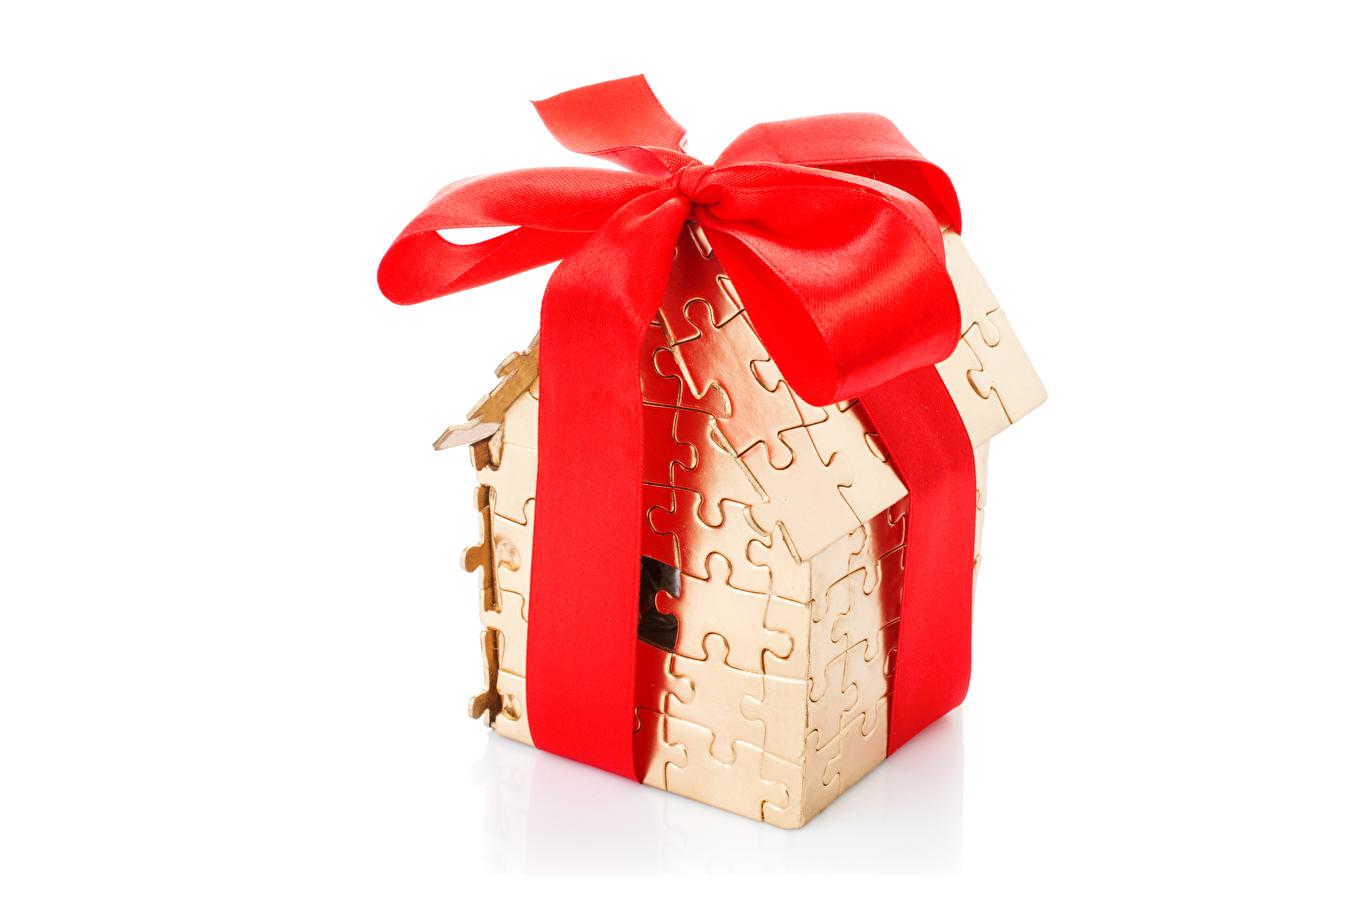 Donation d'un bien immobilier : le point sur les règles à respecter